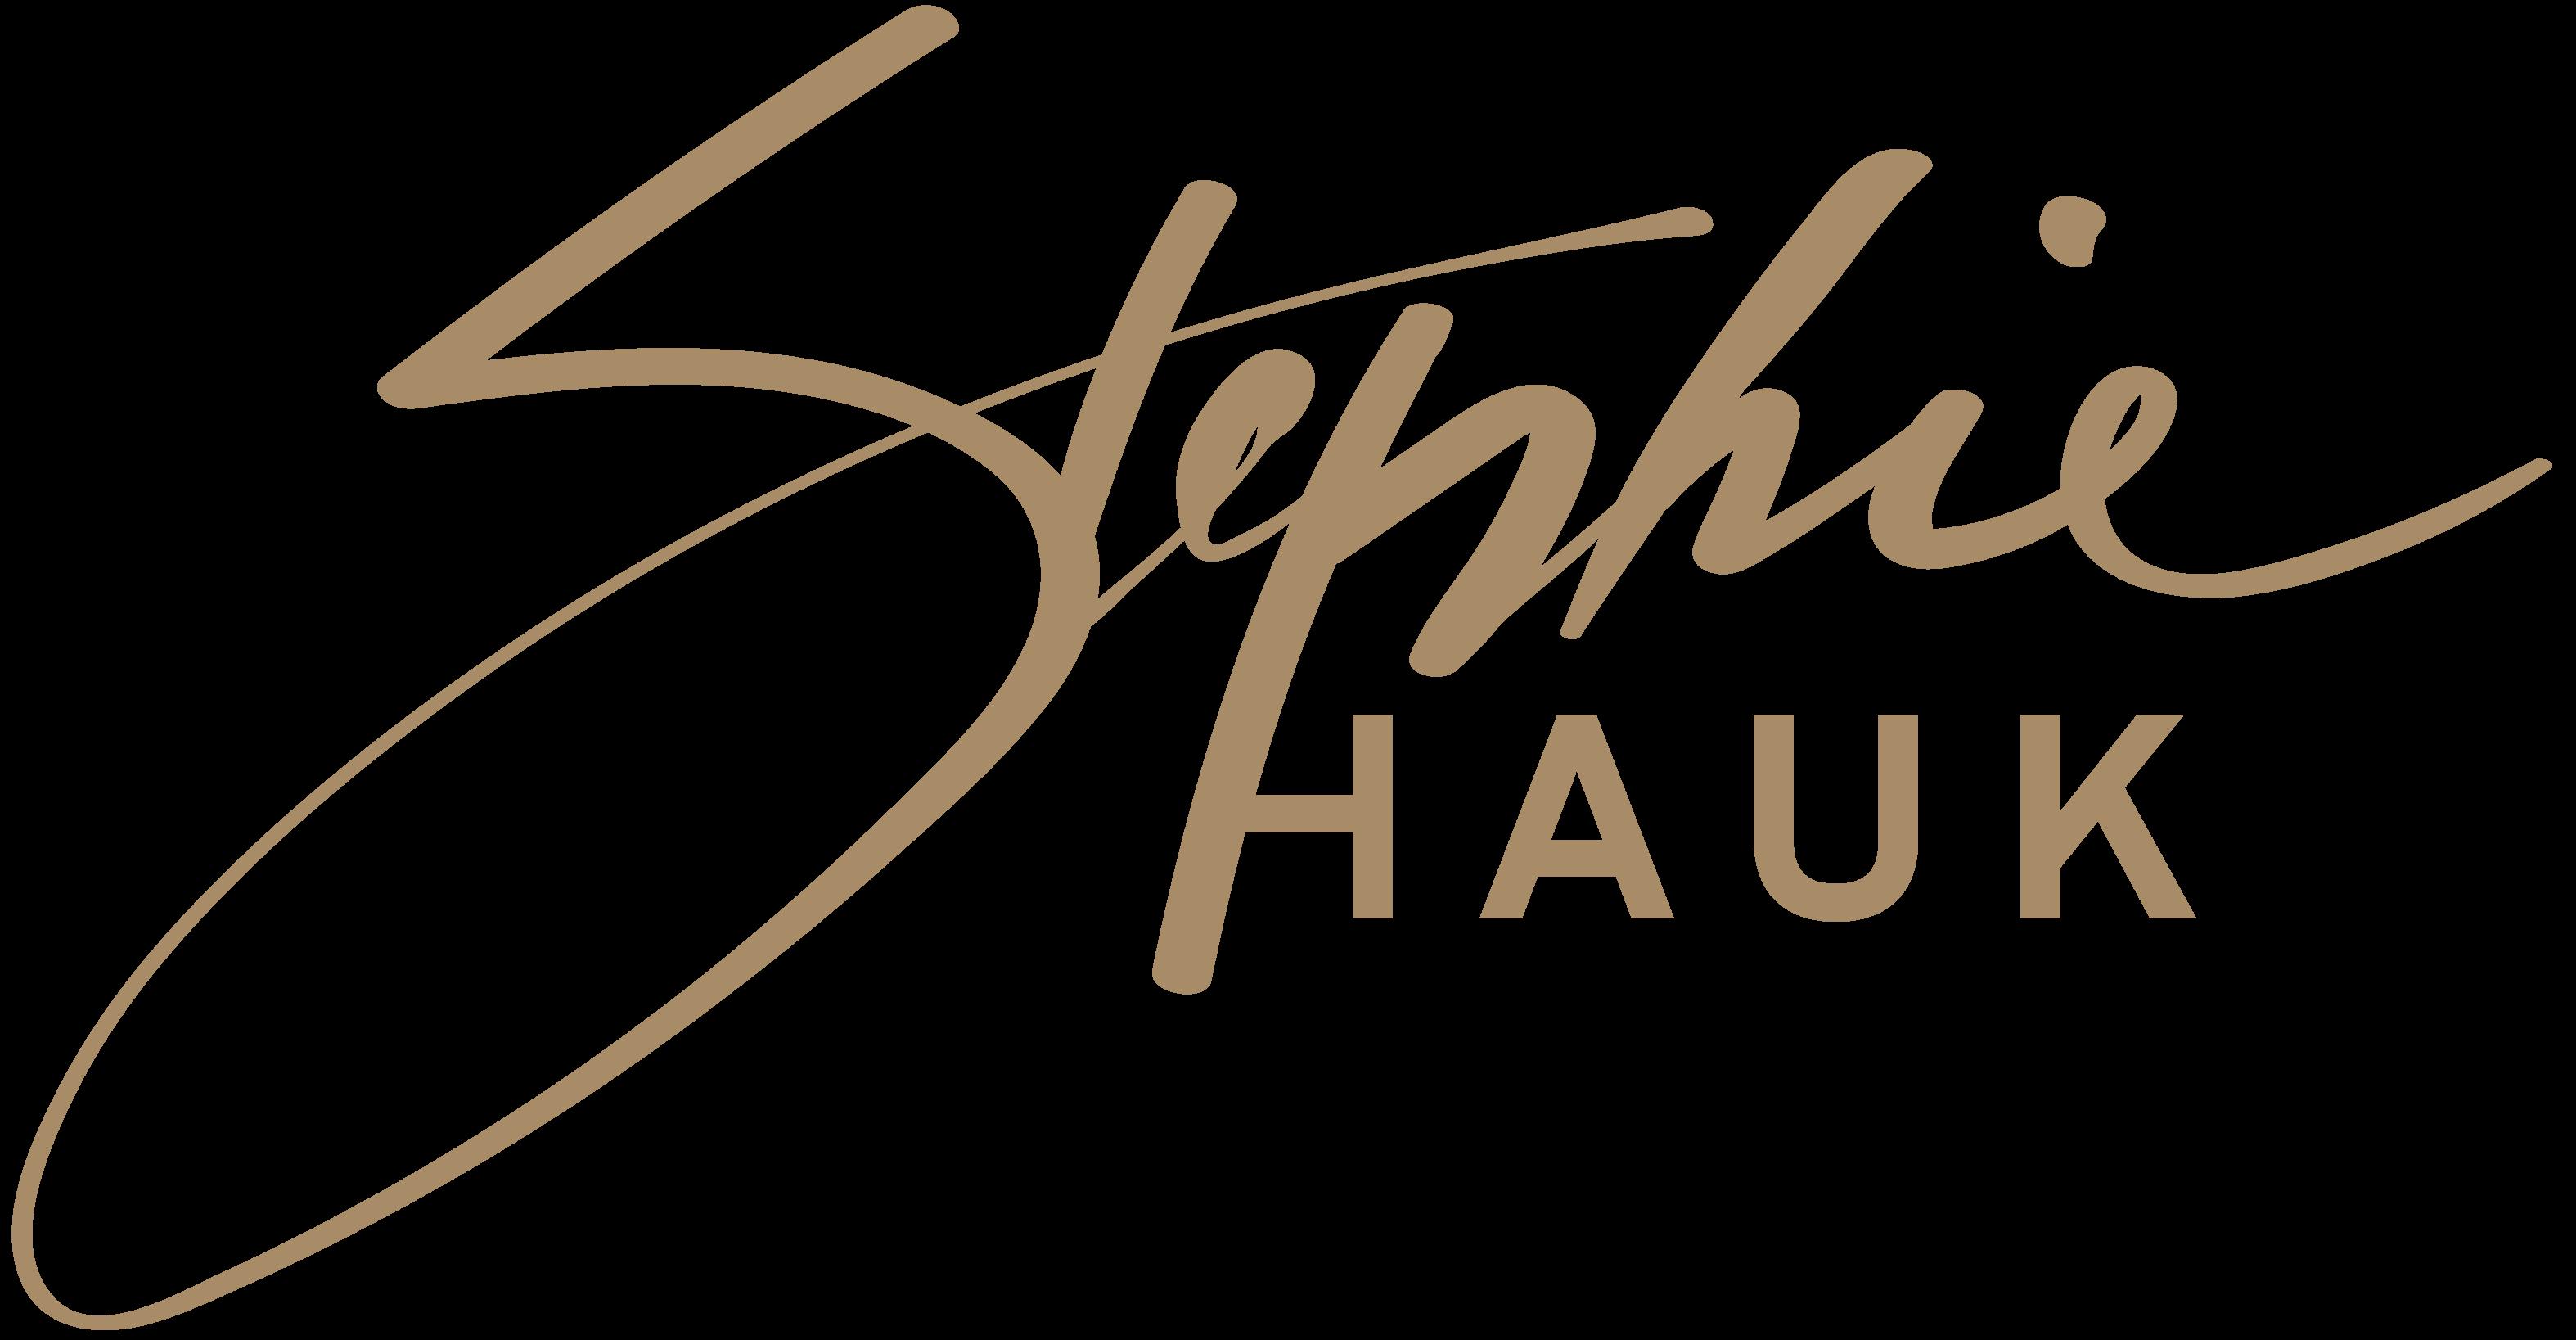 Stephie Hauk – Psychologisch wirkungsvolle Verkaufstexte & Copywriting